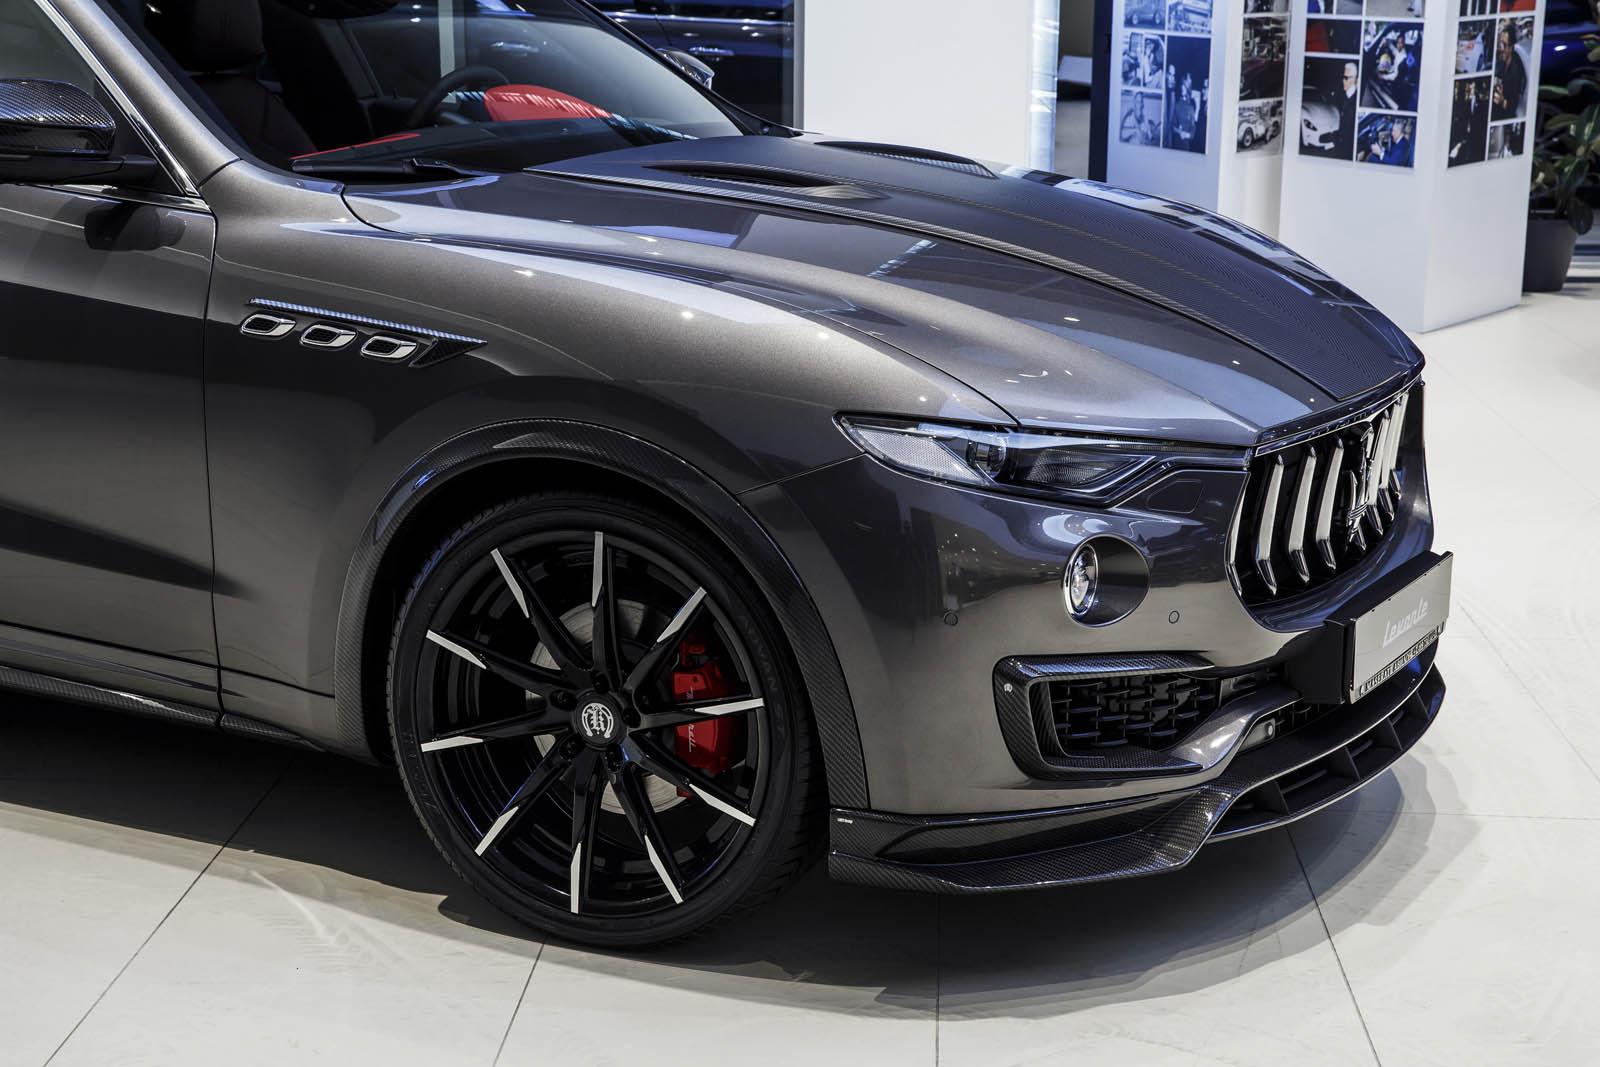 Maserati Levante S by Larte Design (15)